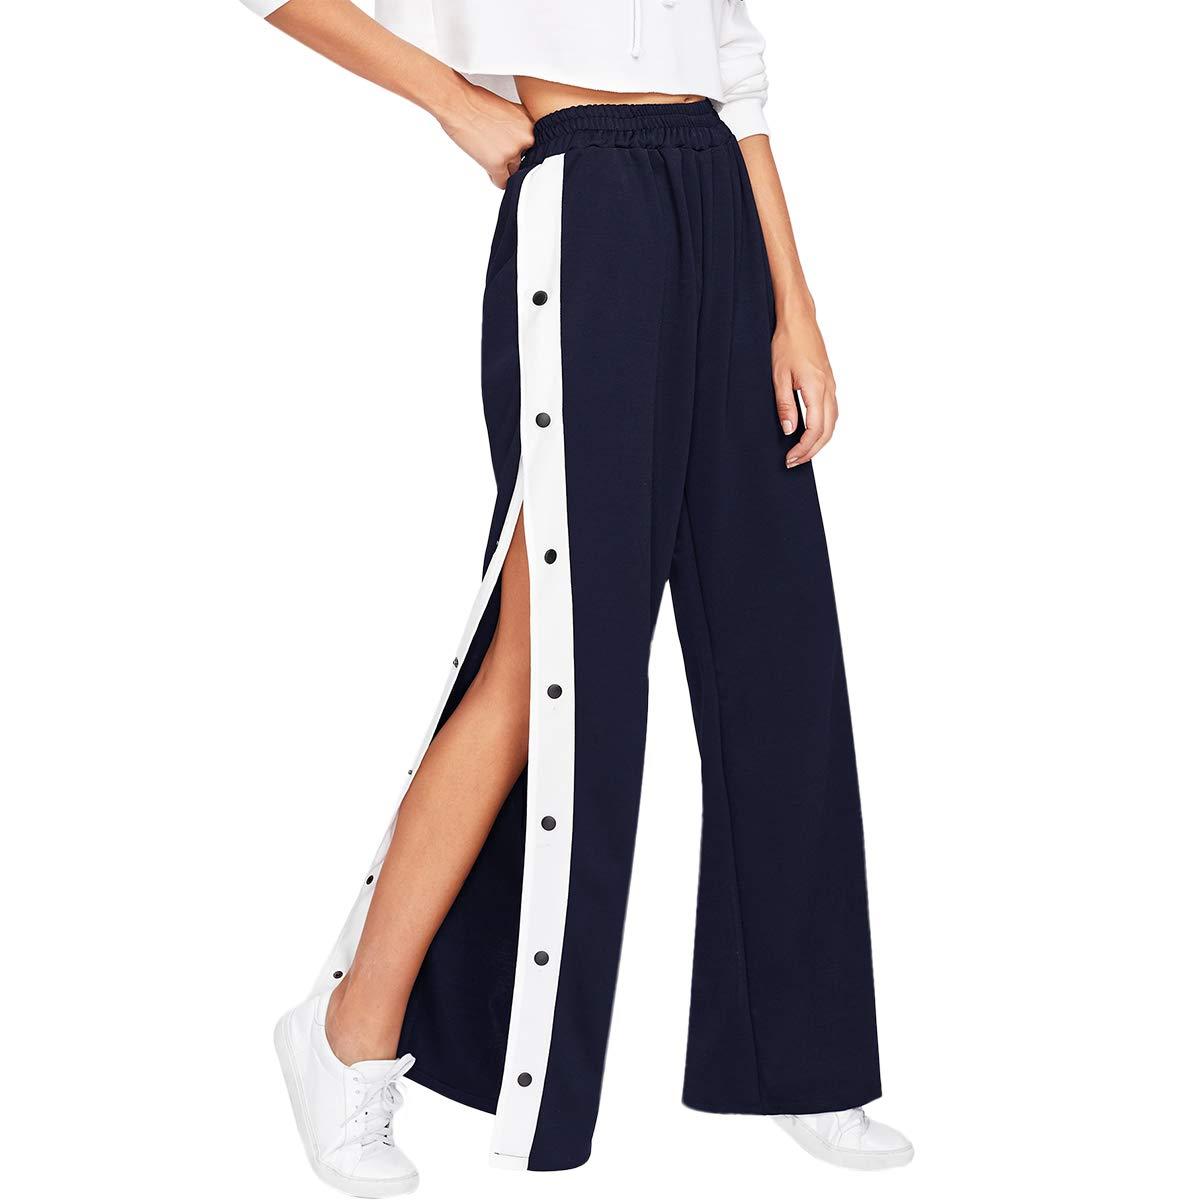 877da40ba042 SOLY HUX Damen Hosen Sweatshose Streifen Sweatpants Elastischer Bund  Jogginghose mit Knöpfe